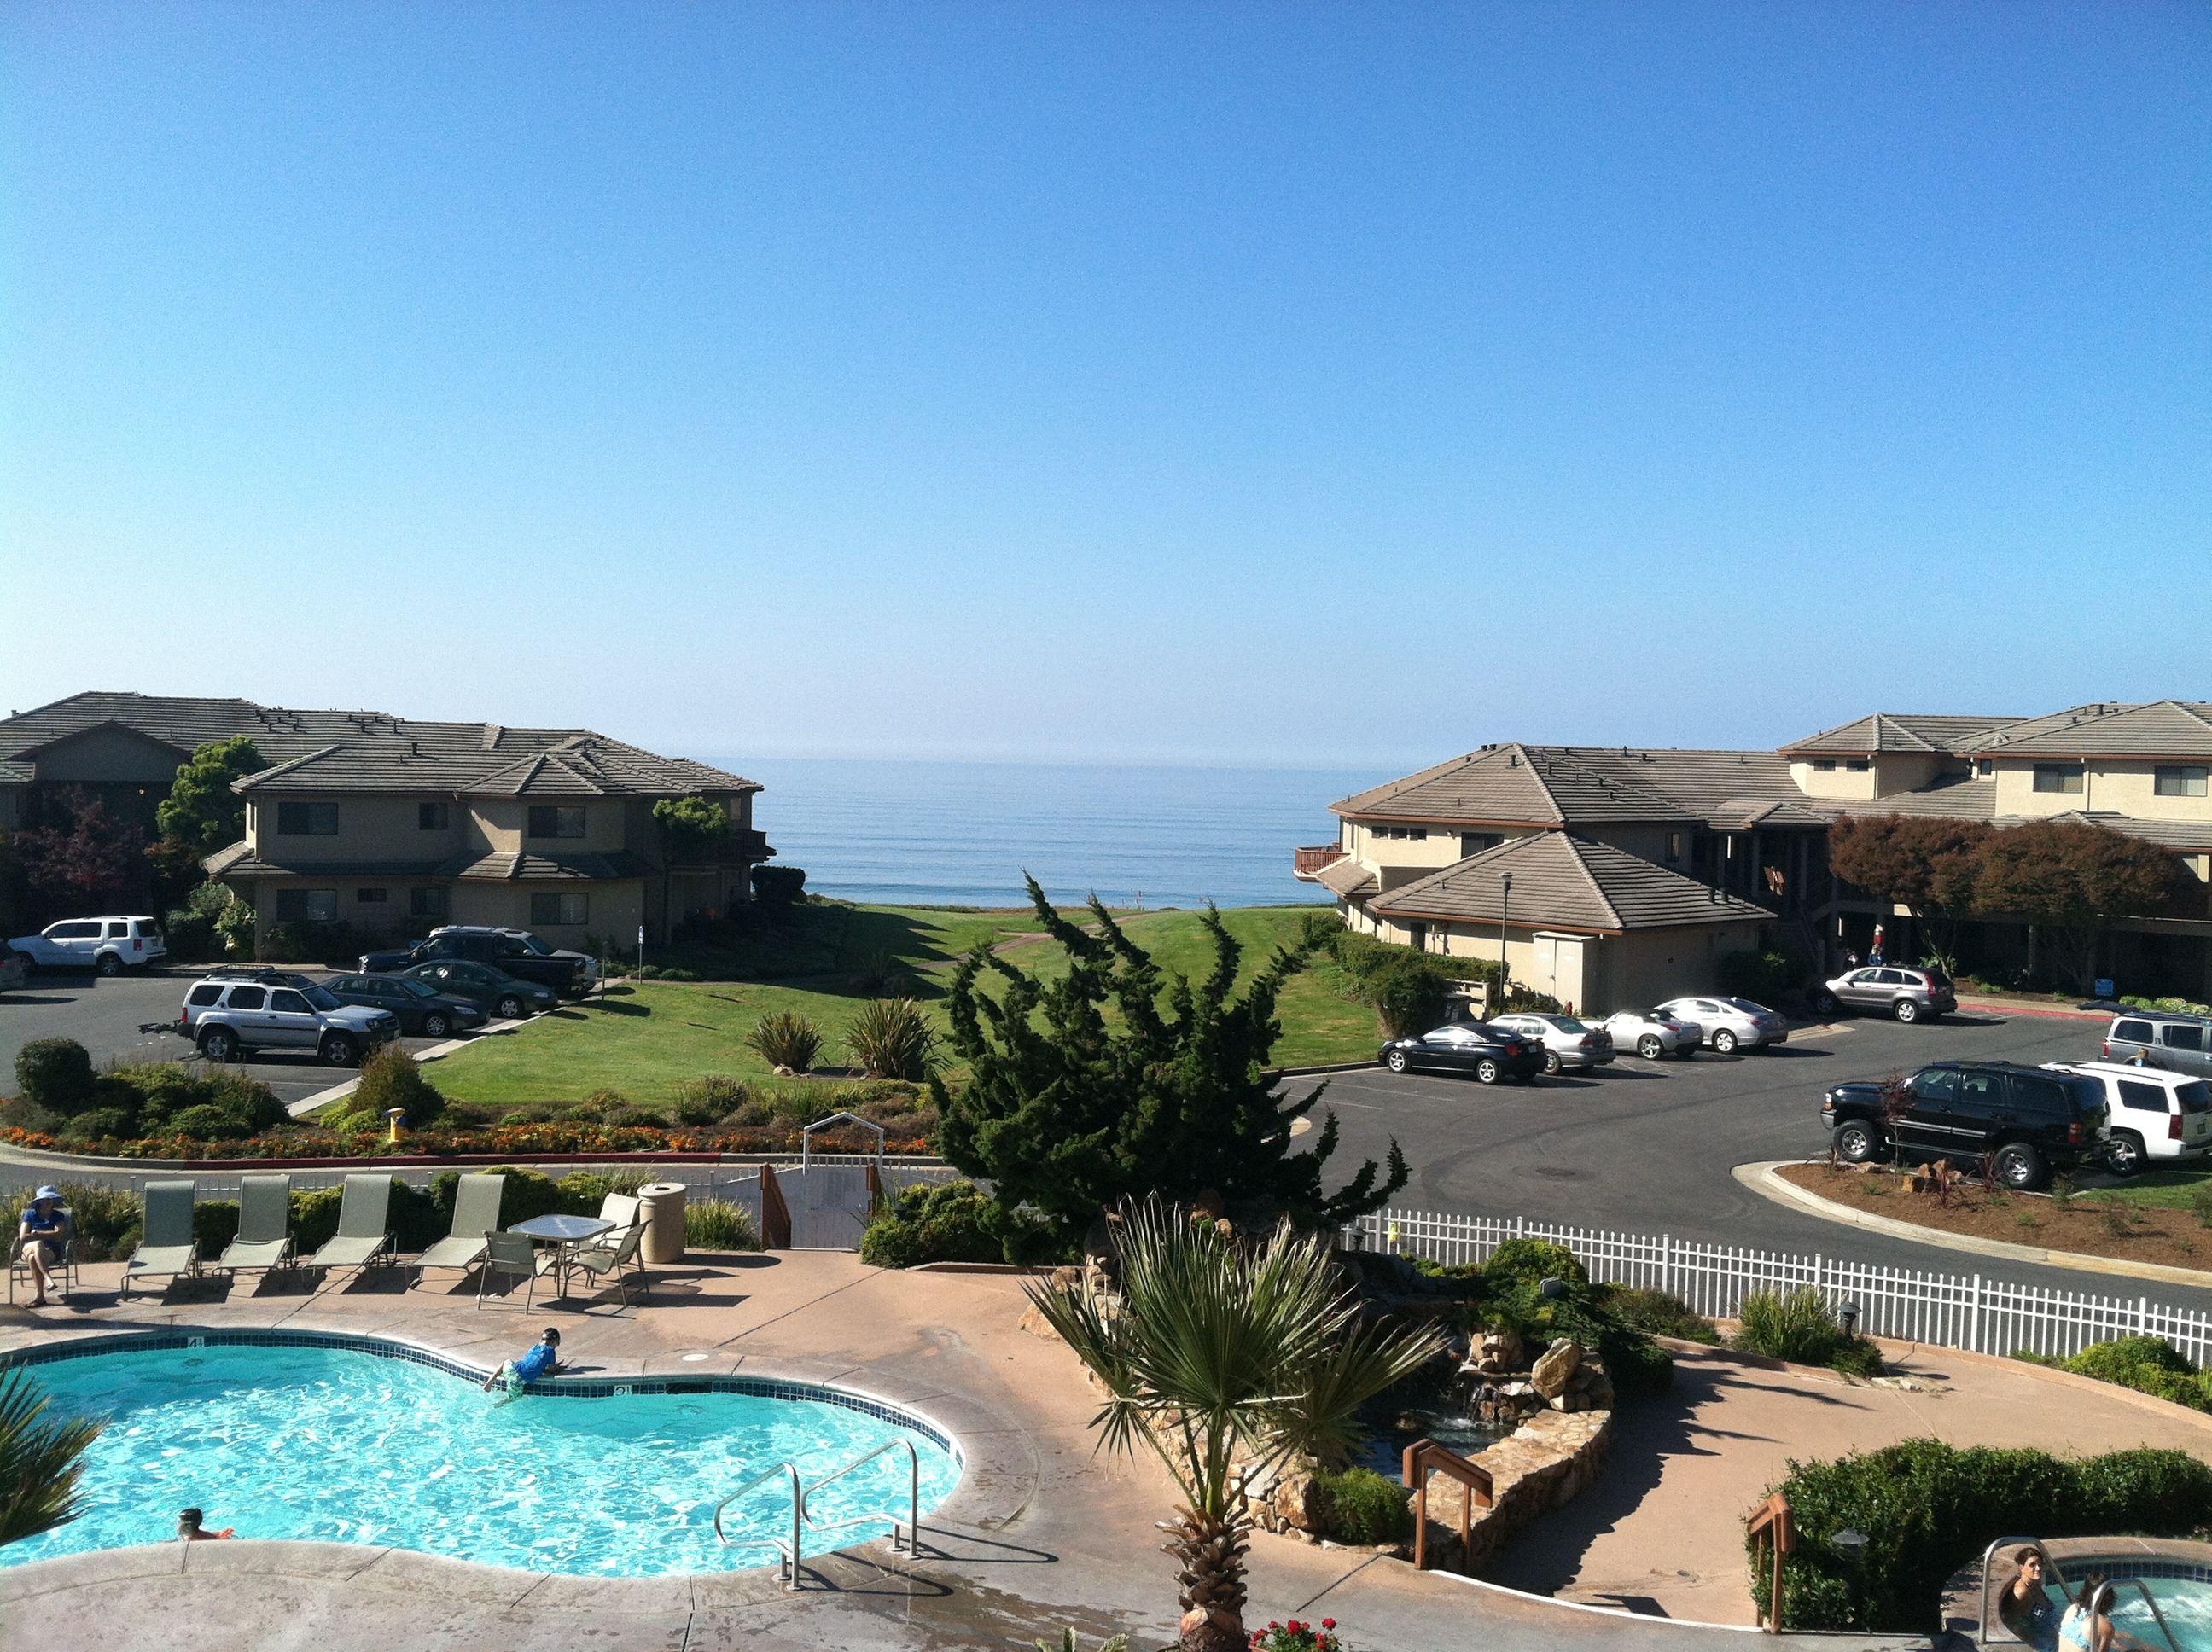 Seascape Beach Resort Aptos Reviews